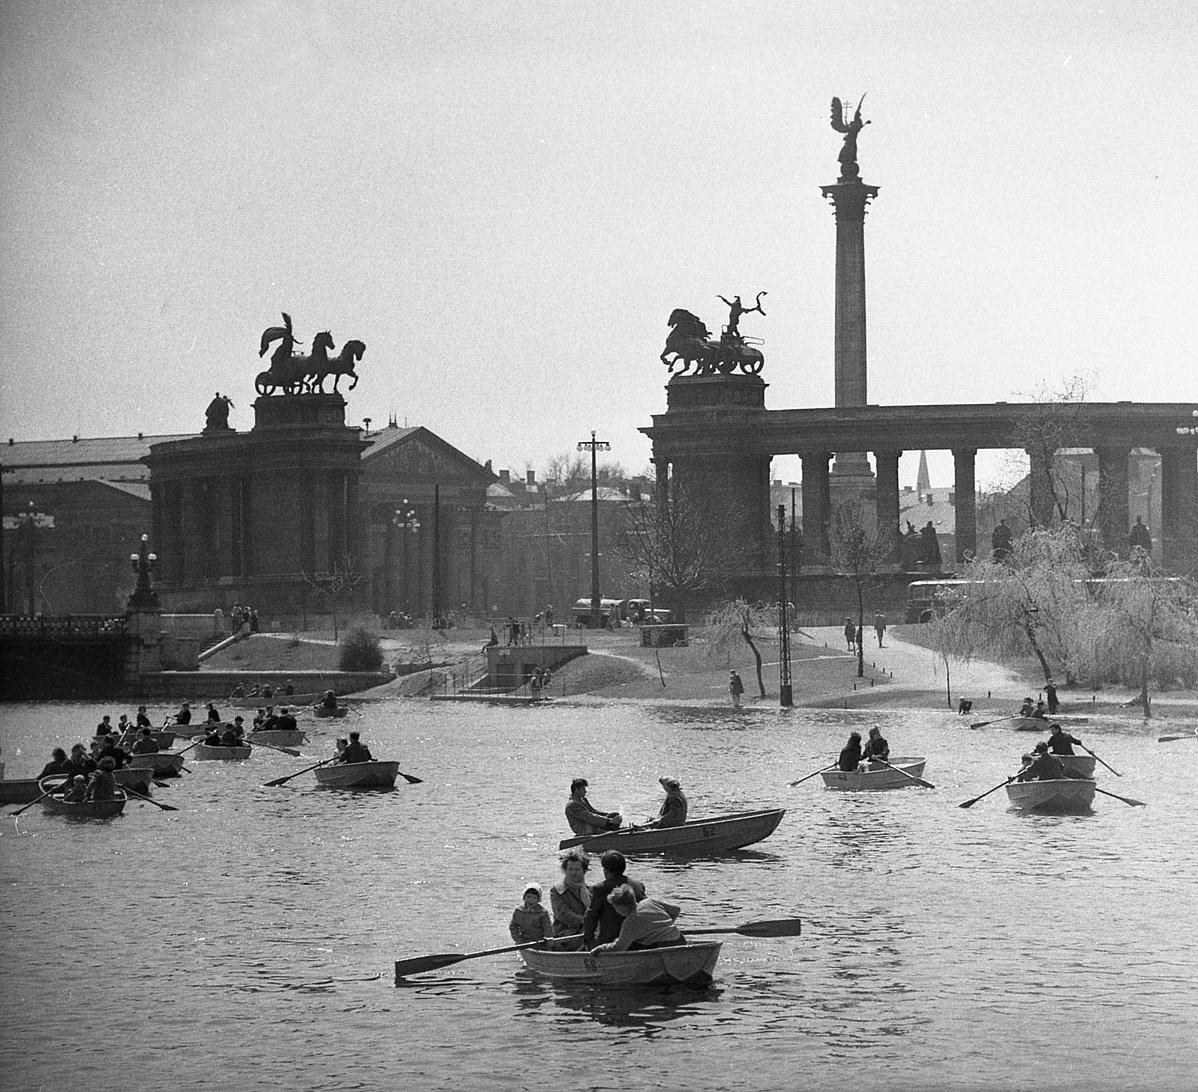 Hemző Károly: Városligeti csónakok, 60-as évek